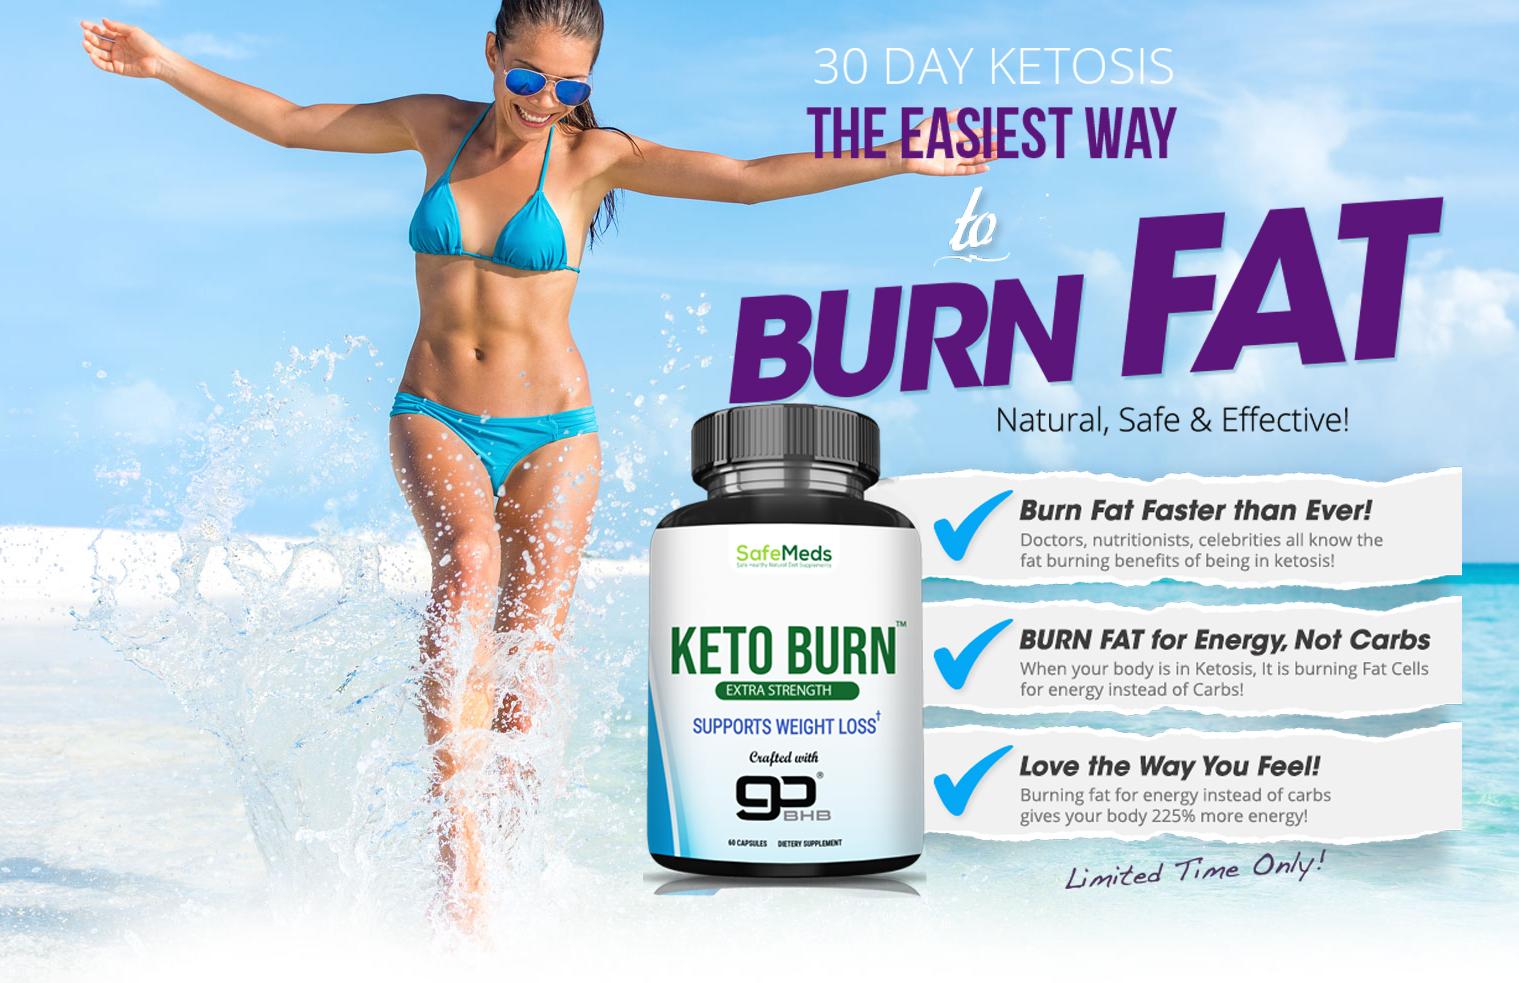 Safe Meds Keto Burn -1